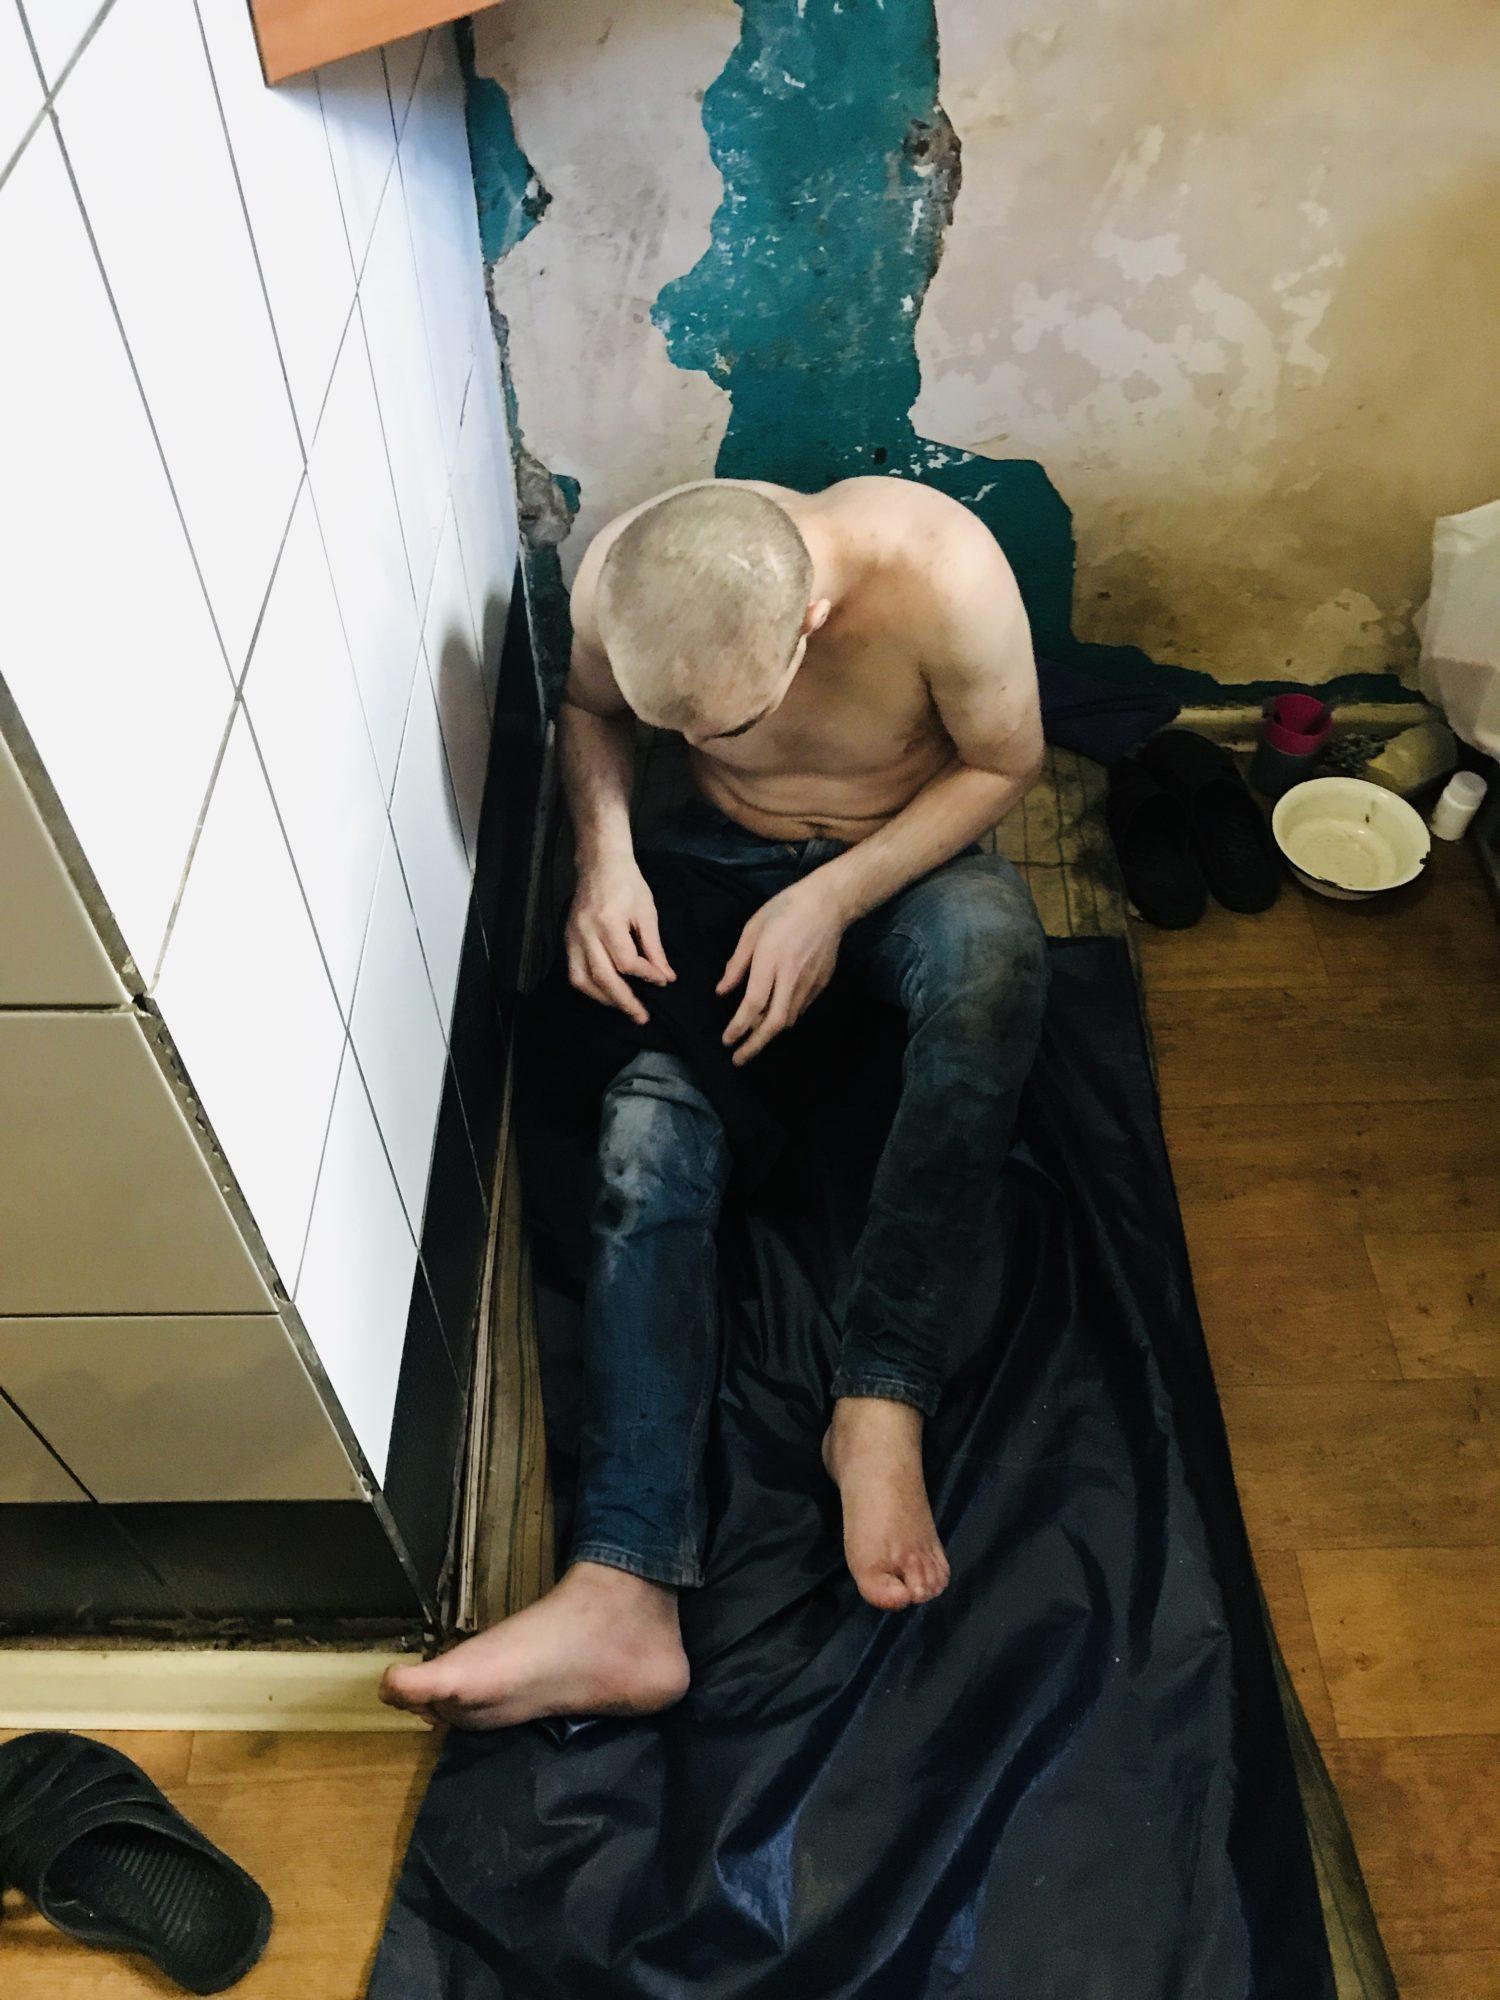 Порушення умов тримання засуджених у Київському слідчому ізоляторі -  - IMG E4421 1500x2000